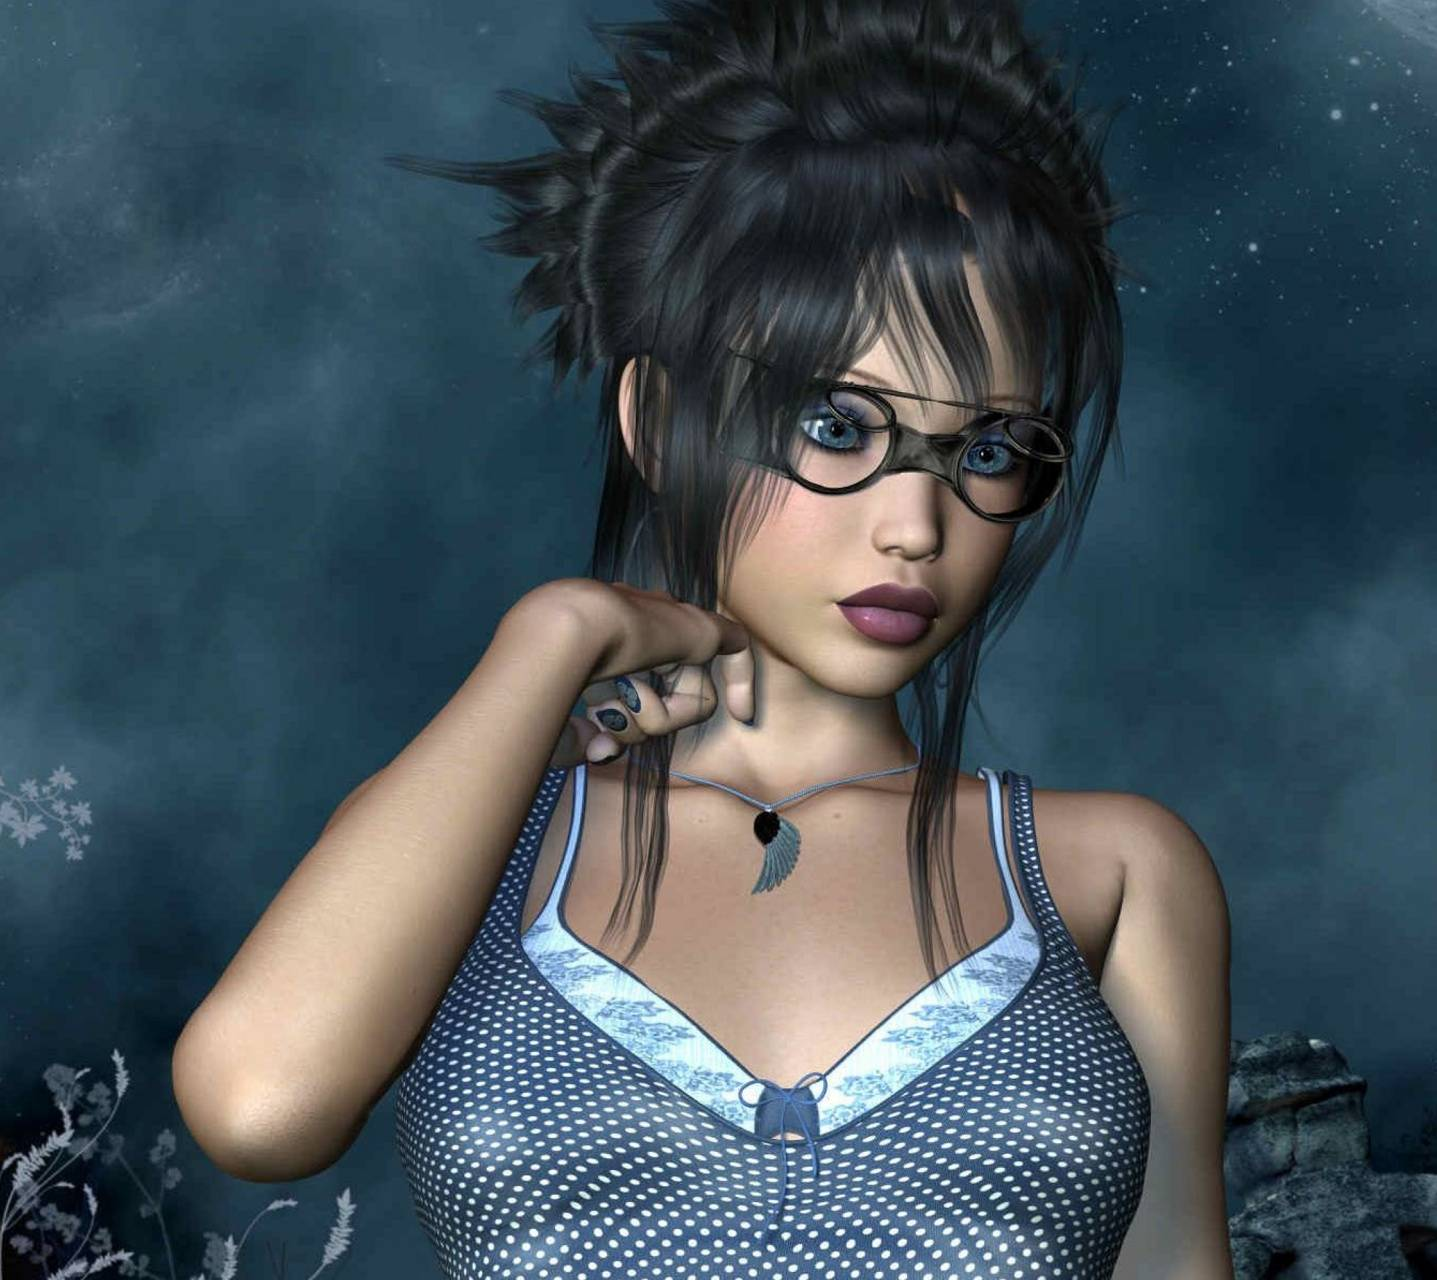 Girl glasses 3d